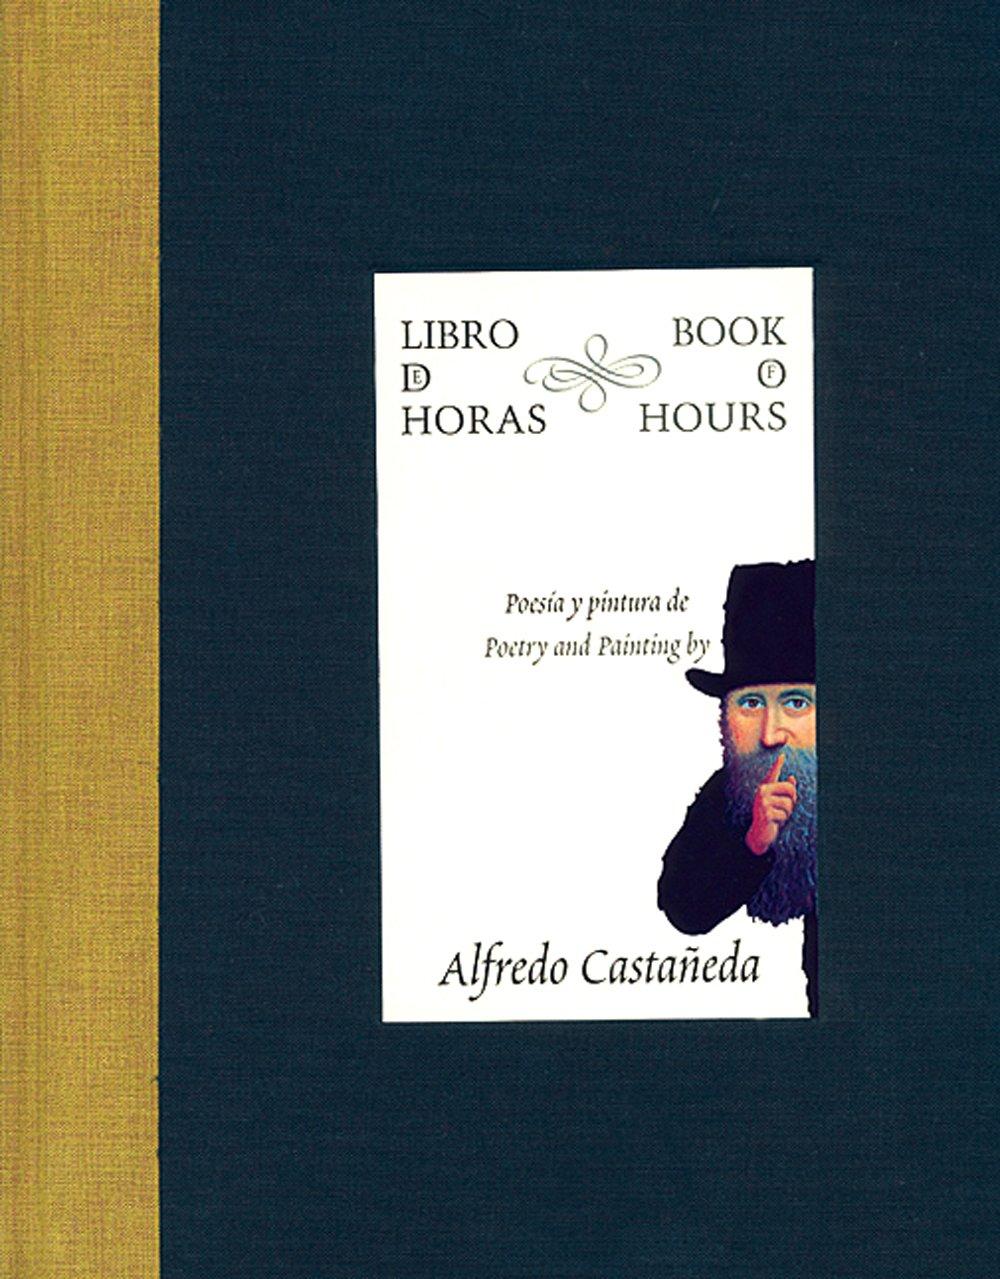 Libro de horas poesia y pintura dealfredo Castañeda: Book of Hours (Libros De La Espiral / Spiral Books) Tapa dura – may 2006 Alfredo Castaneda Artes de Mexico y el Mundo S.A. de C.V 9706831363